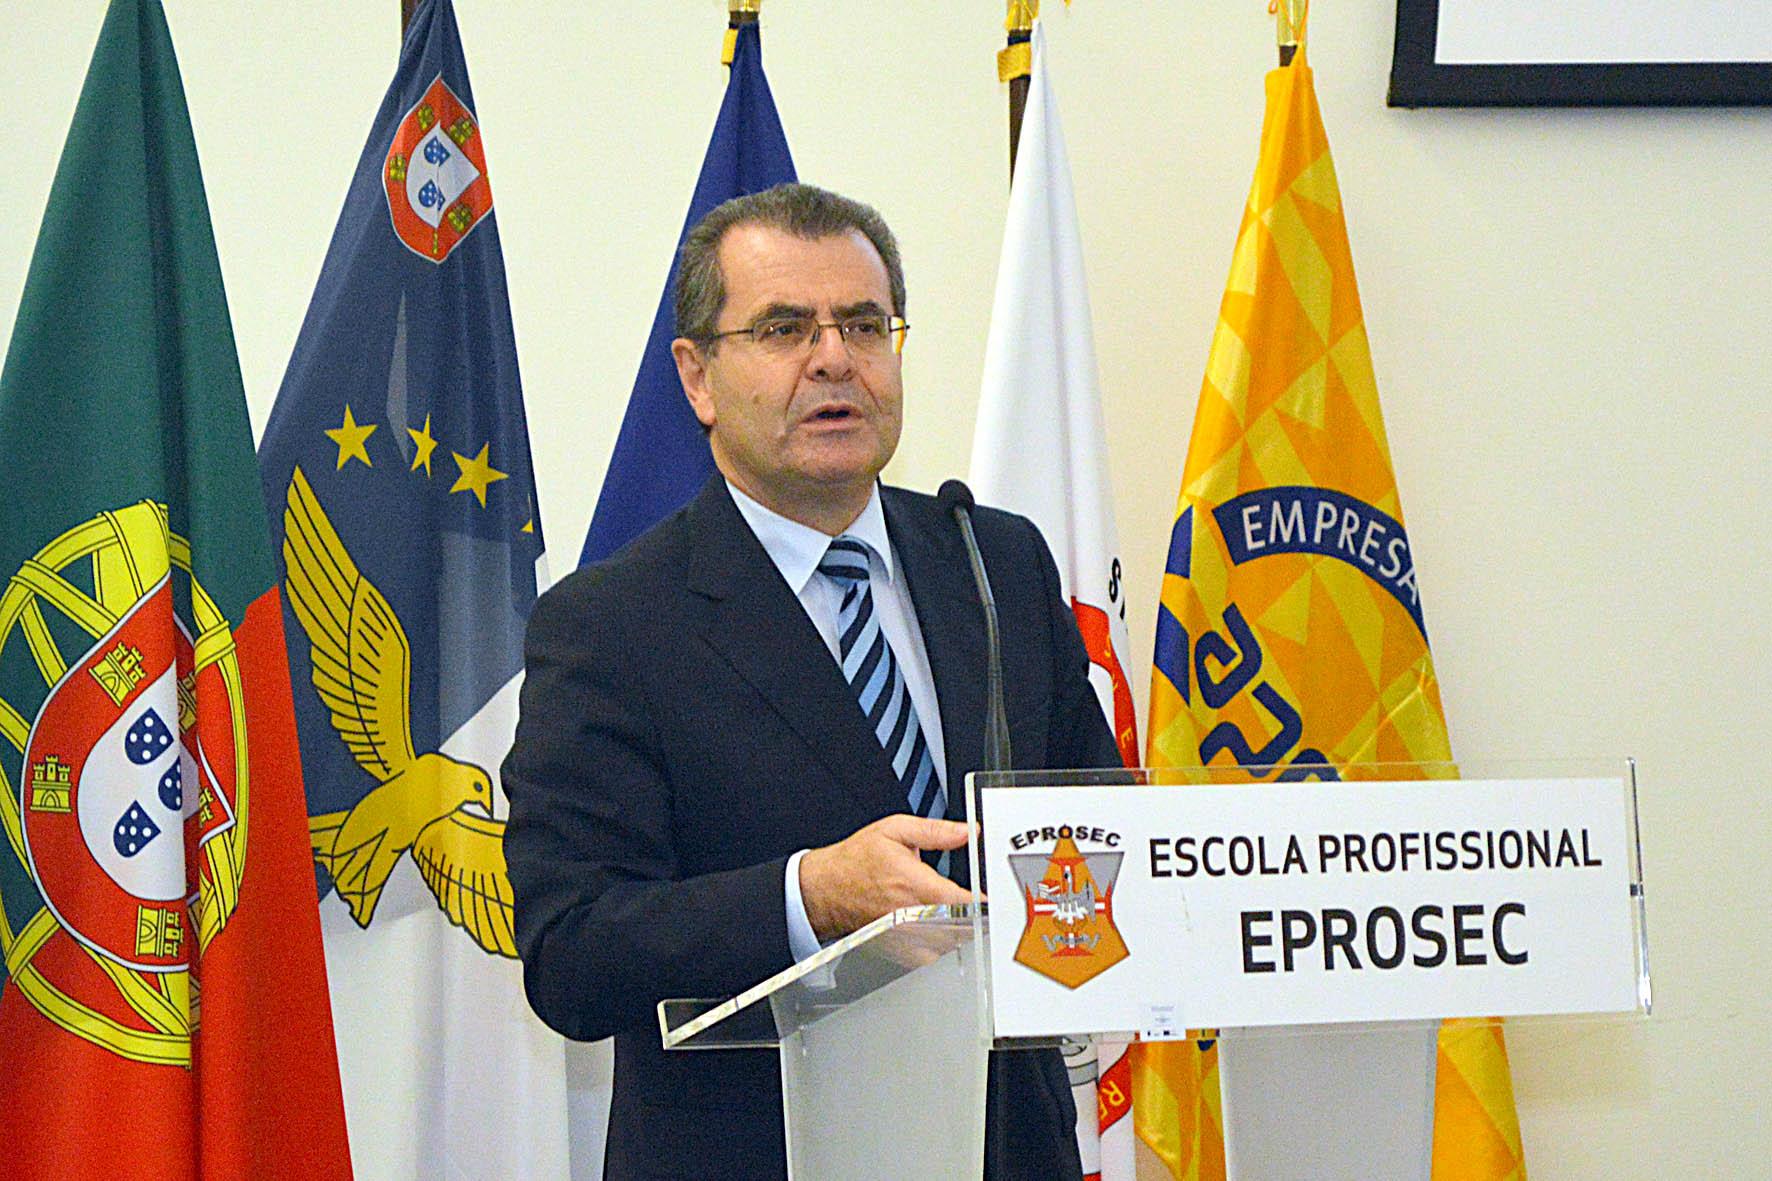 """Governo dos Açores confere """"importância extraordinária"""" ao ensino profissional, garante Avelino Meneses"""